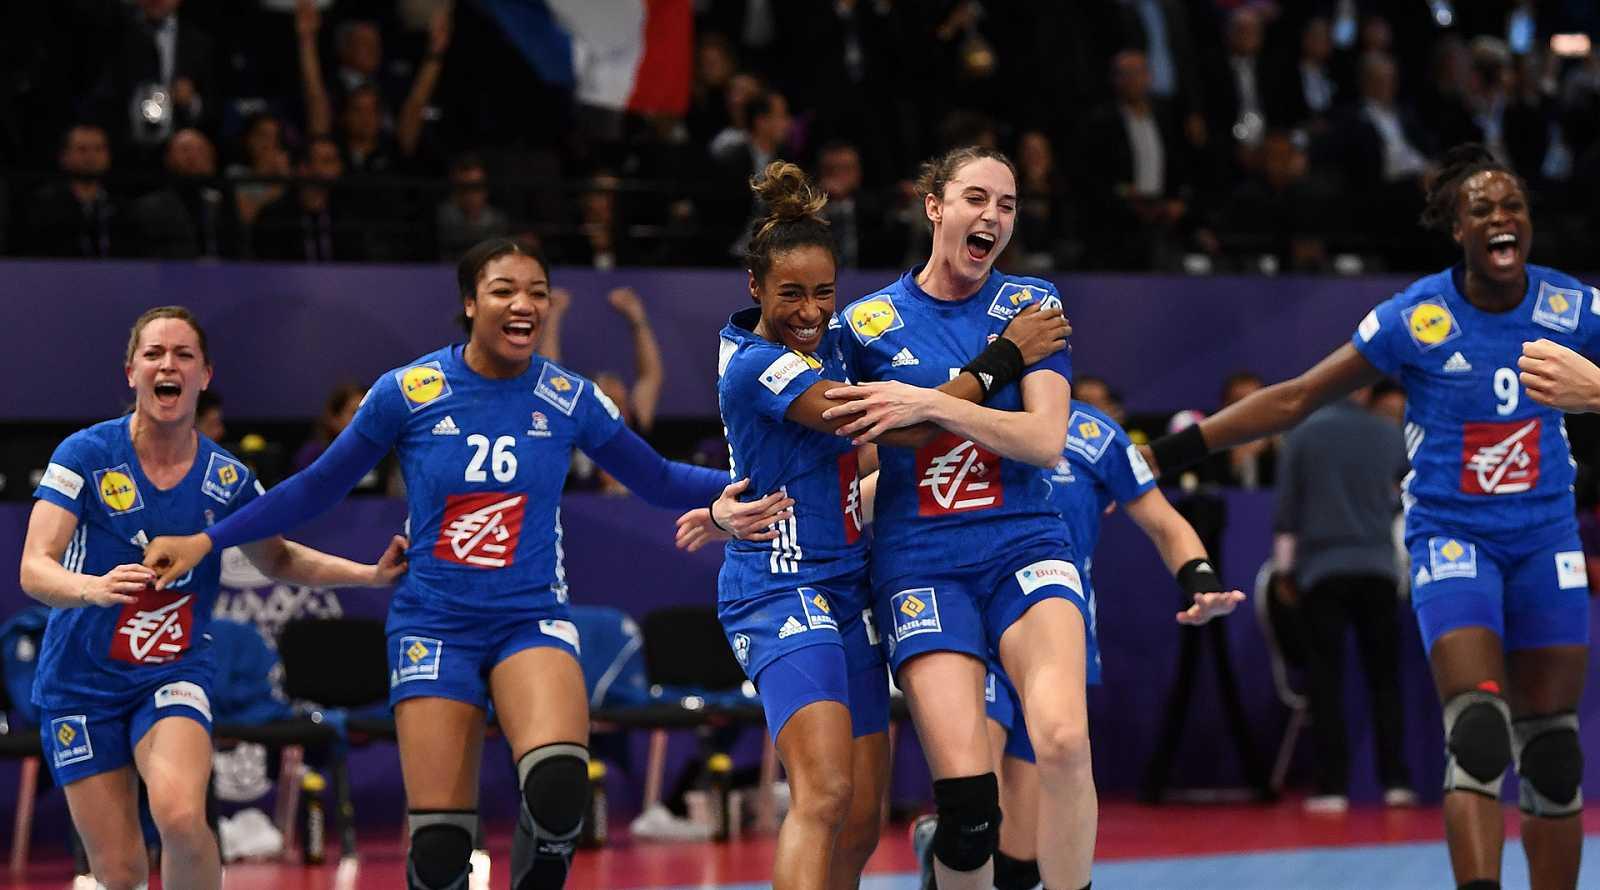 La selección francesa ha derrotado a Rusia en la final del Europeo femenino de balonmano disputada en Bercy (24-21) y se ha proclamado campeona de Europa.